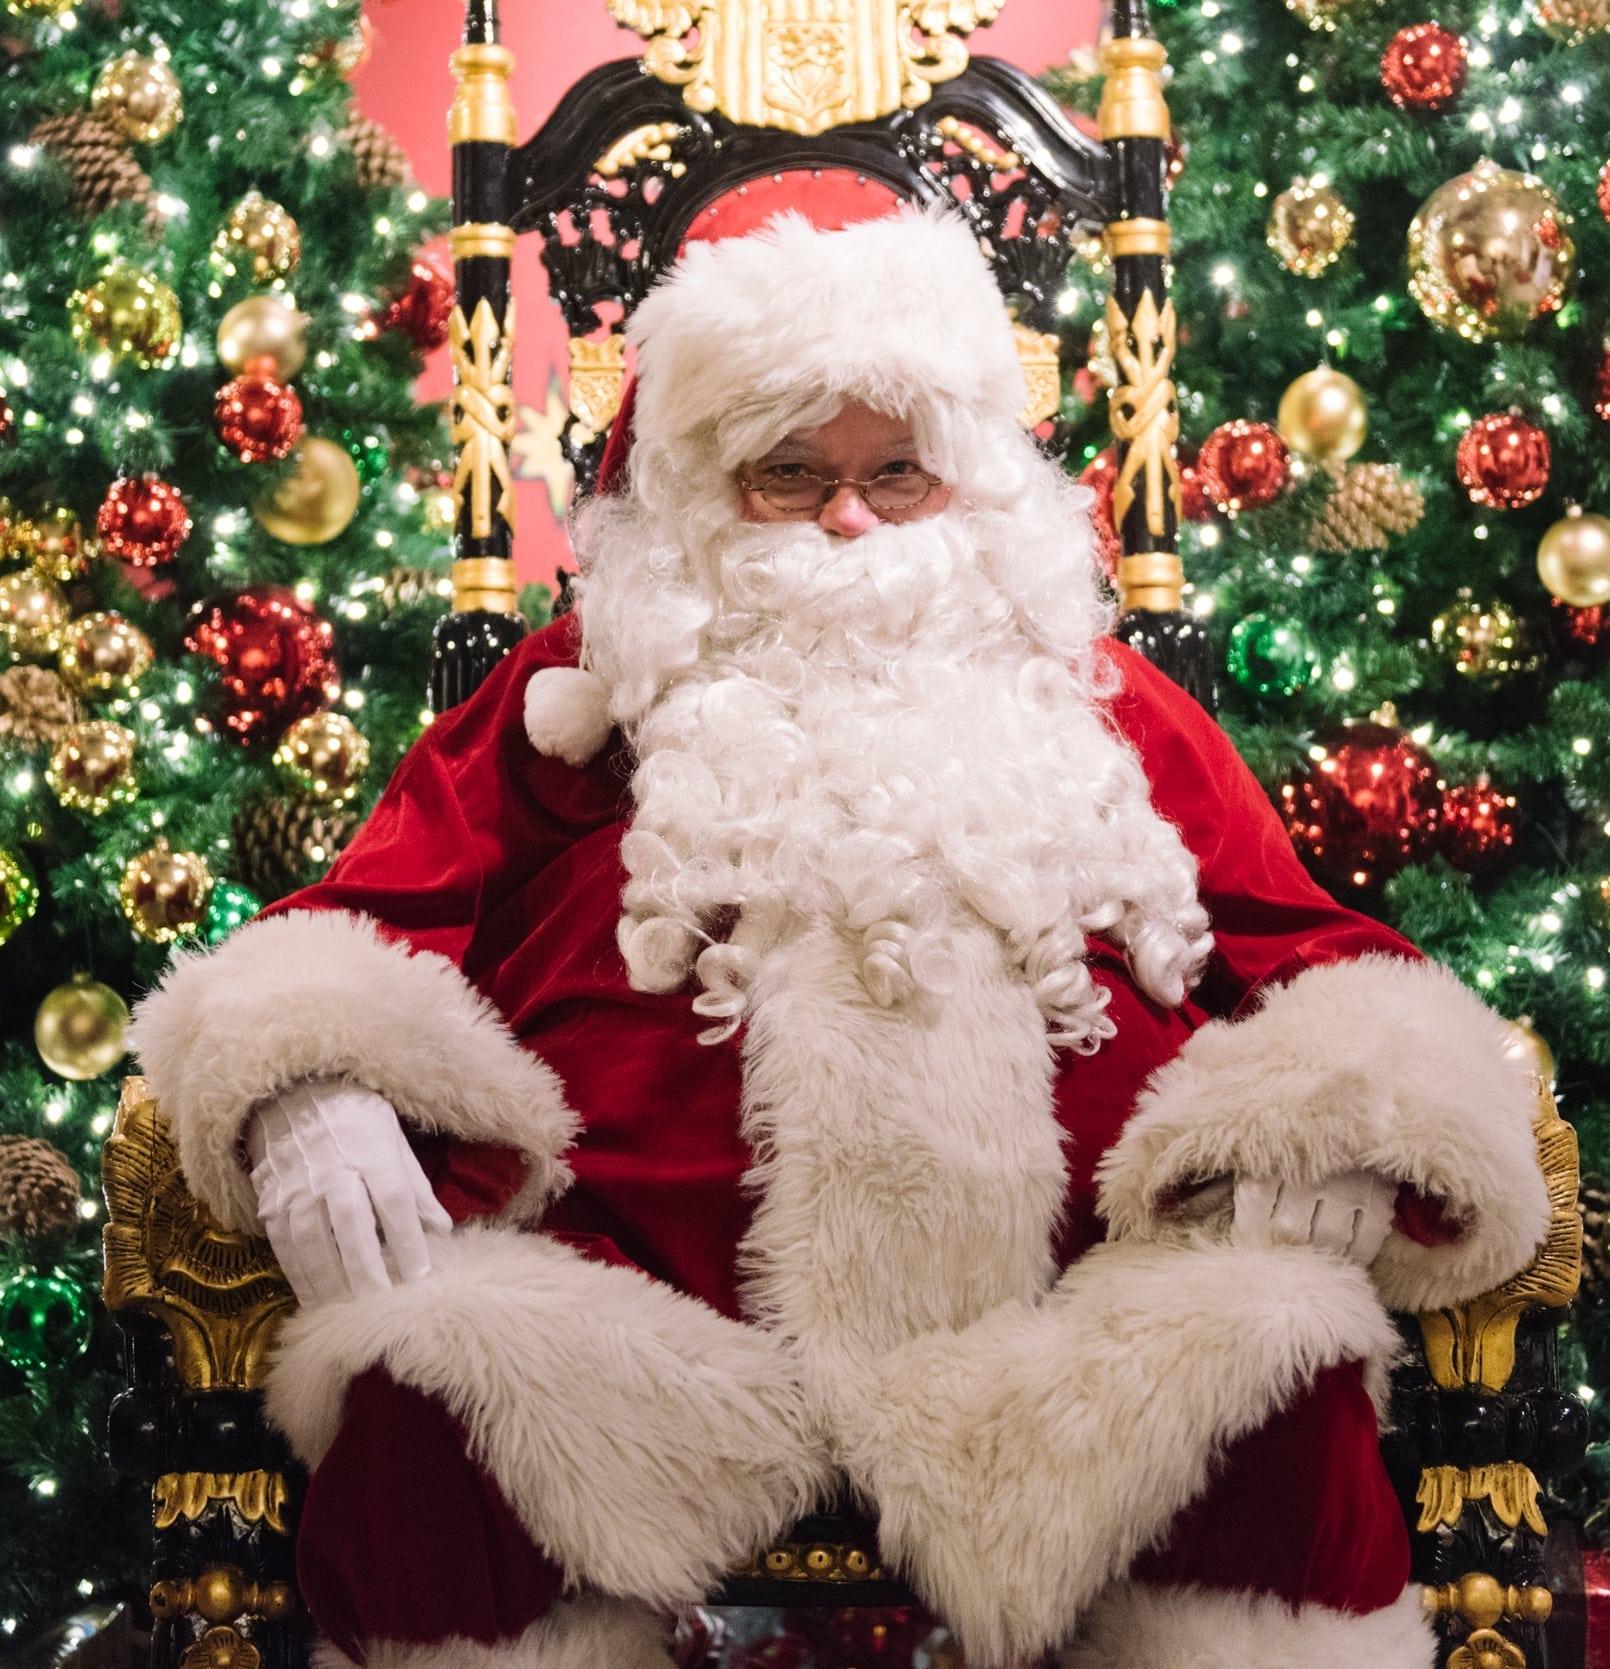 Santa Through The Season At One Colorado